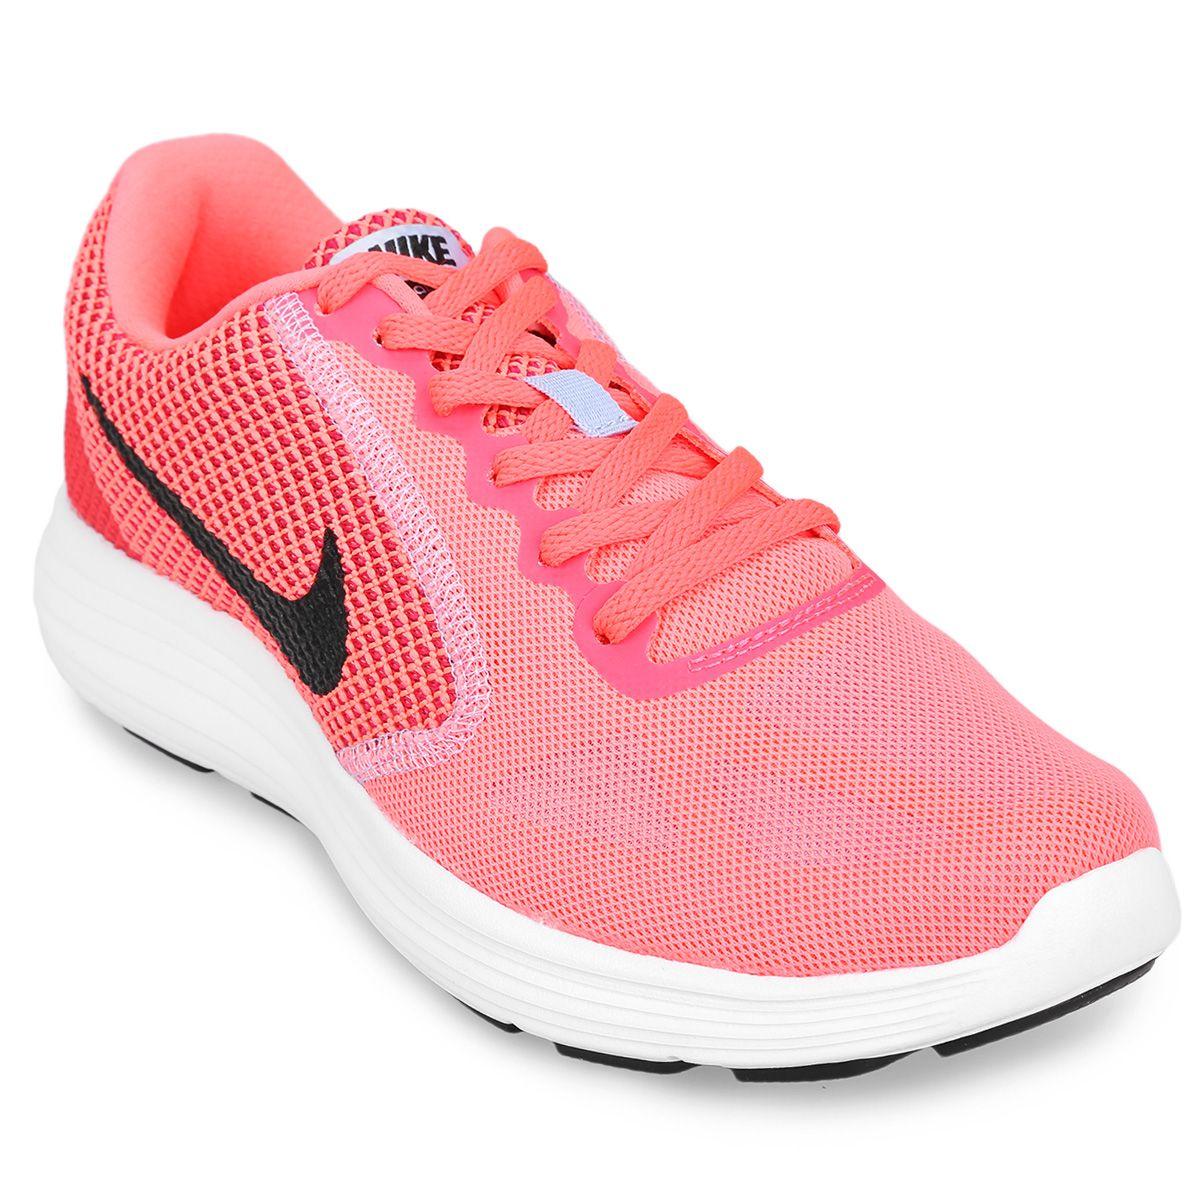 1d6c3b8938205 Zapatillas Nike Revolution 3 Rosa